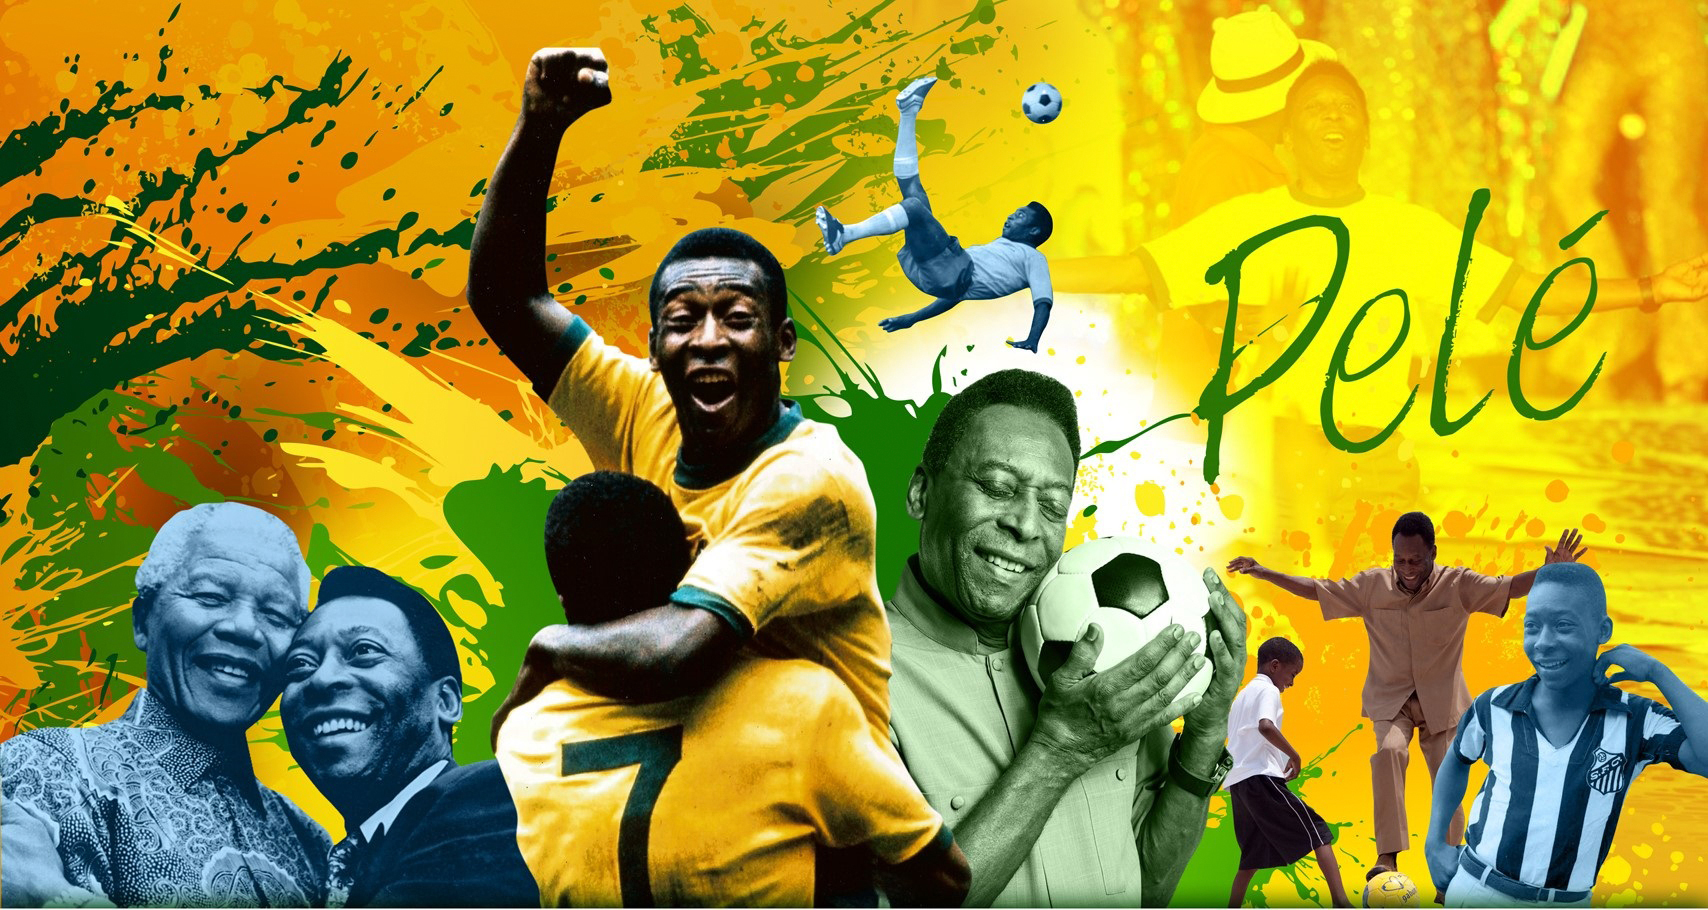 ブラジルのサッカーレジェンド、ペレ。(写真:ビジネスワイヤ)